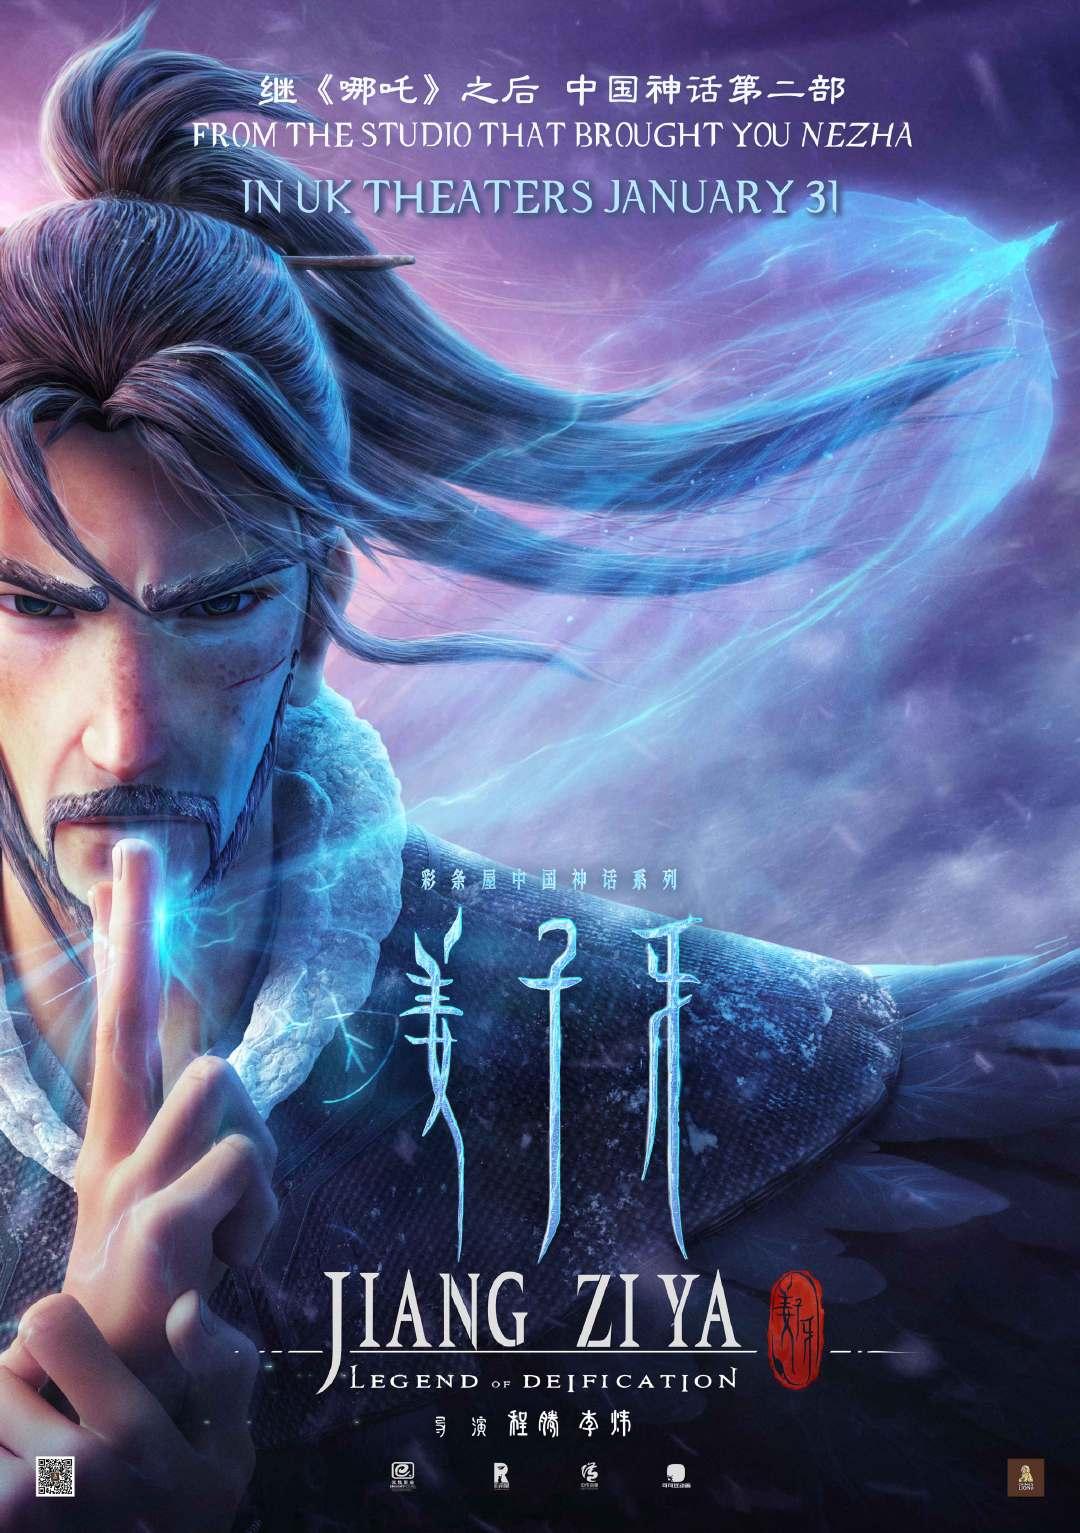 《姜子牙》电影发布新海报 《大鱼海棠》导演绘制